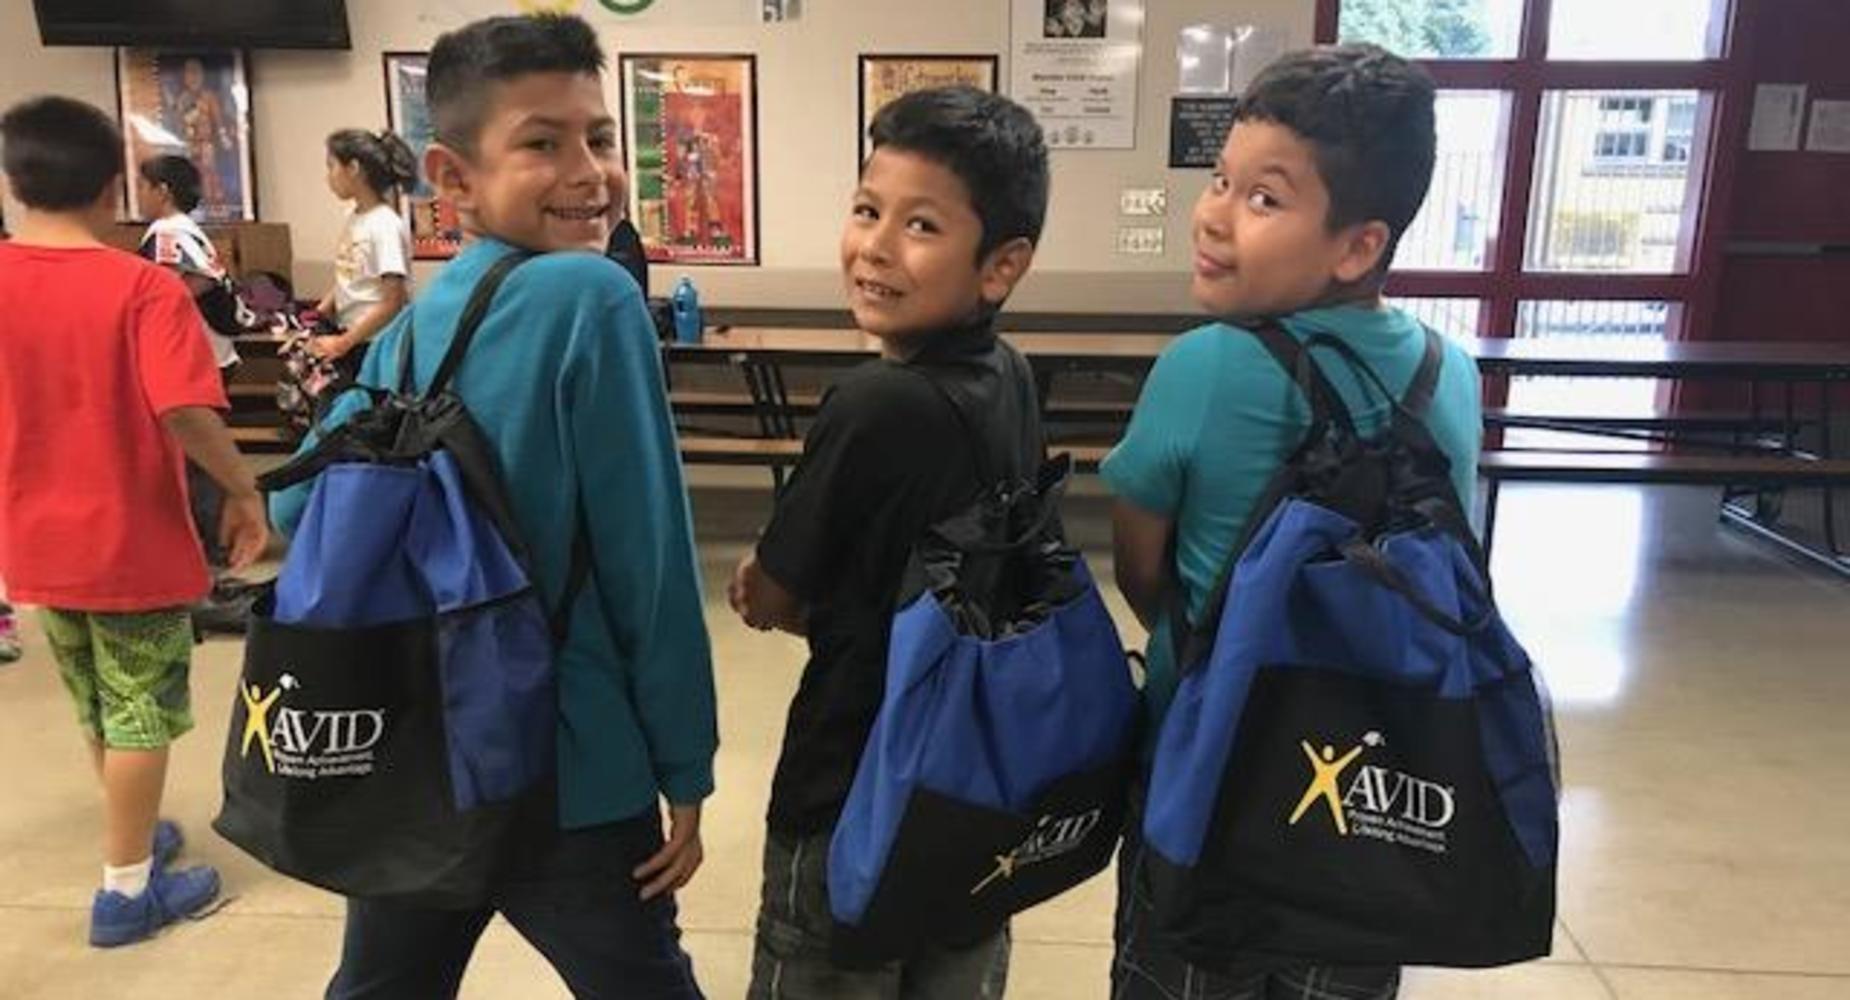 3 boys wearing their AVID backpacks.